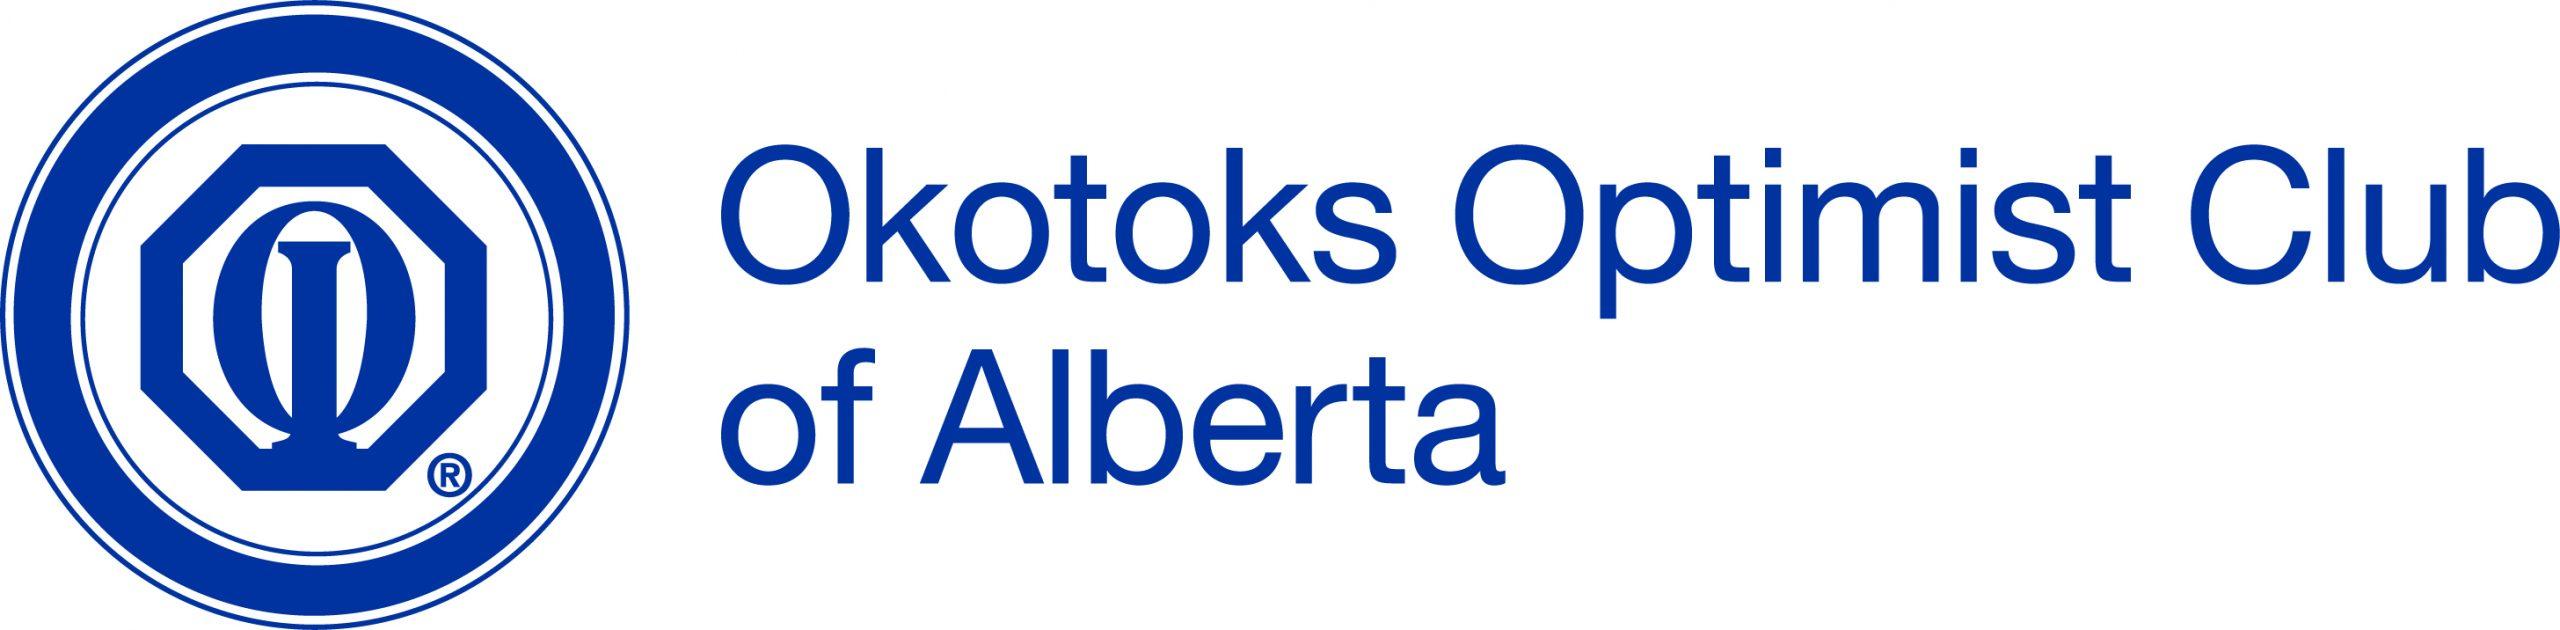 Okotoks Optimist Club logo